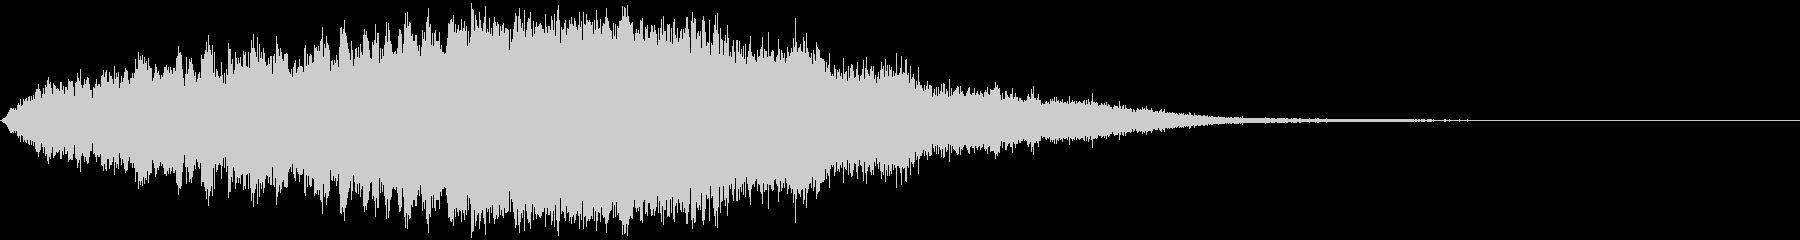 【サウンドスケイプ】ヒューン・・・・の未再生の波形